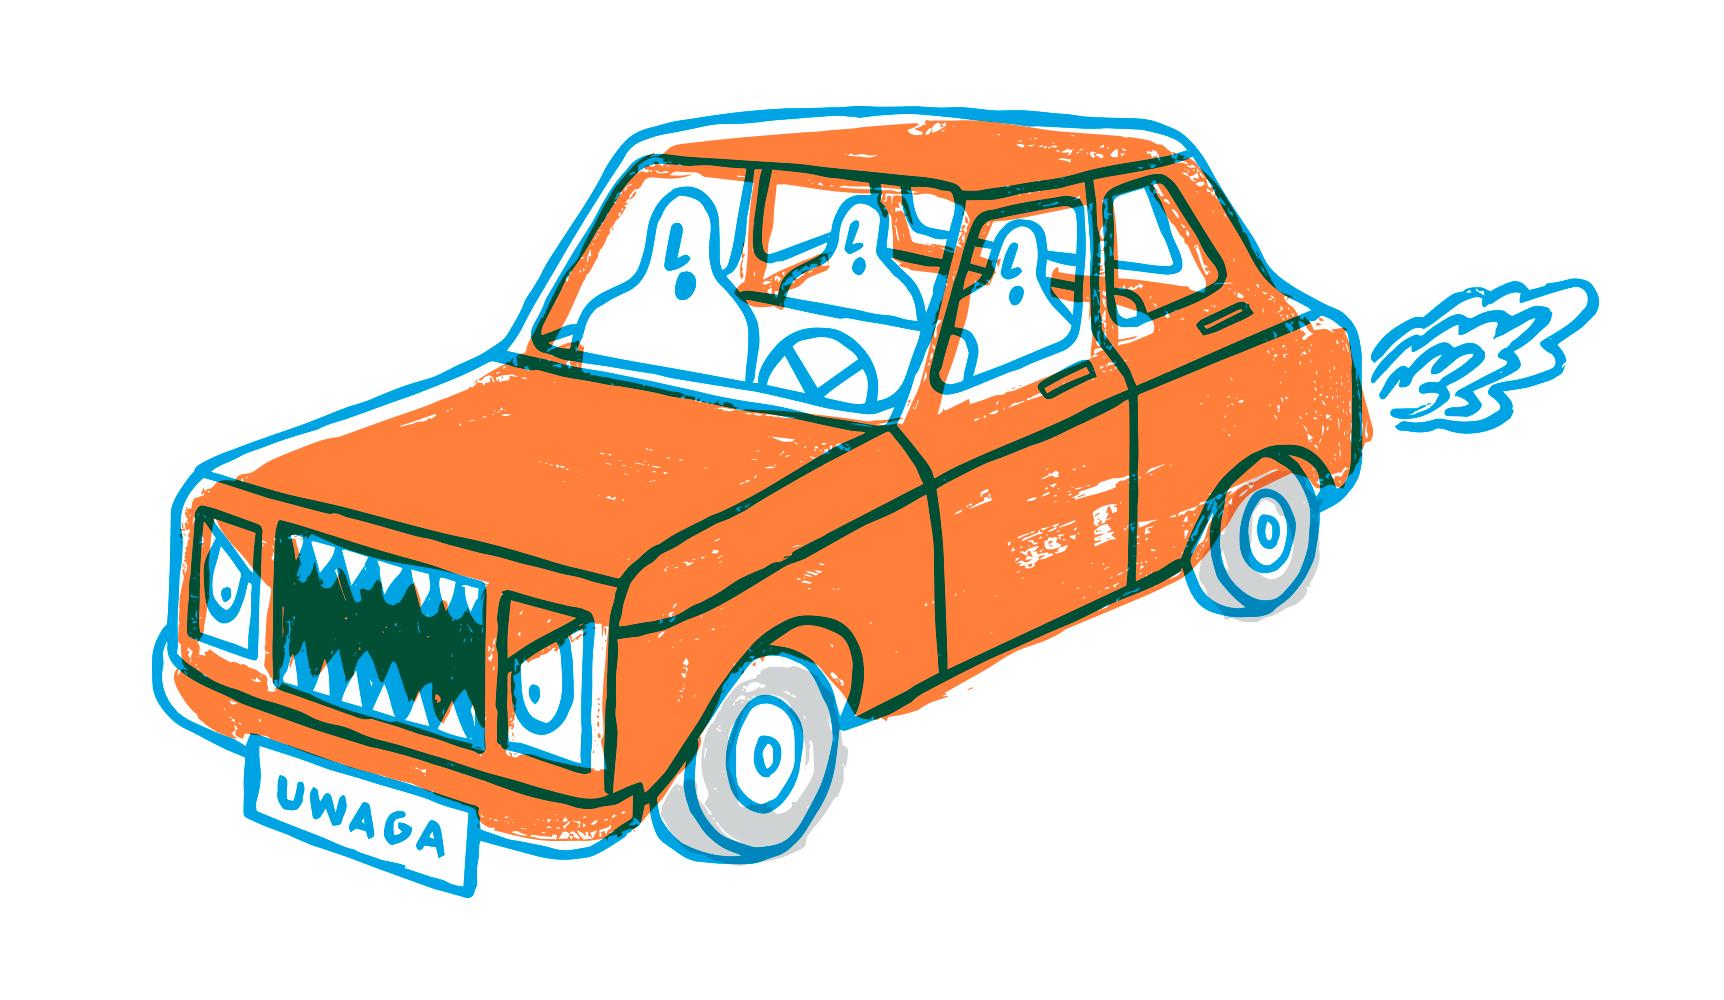 Śmiertelny wypadek zudziałem autonomicznego samochodu Ubera – ciąg dalszy